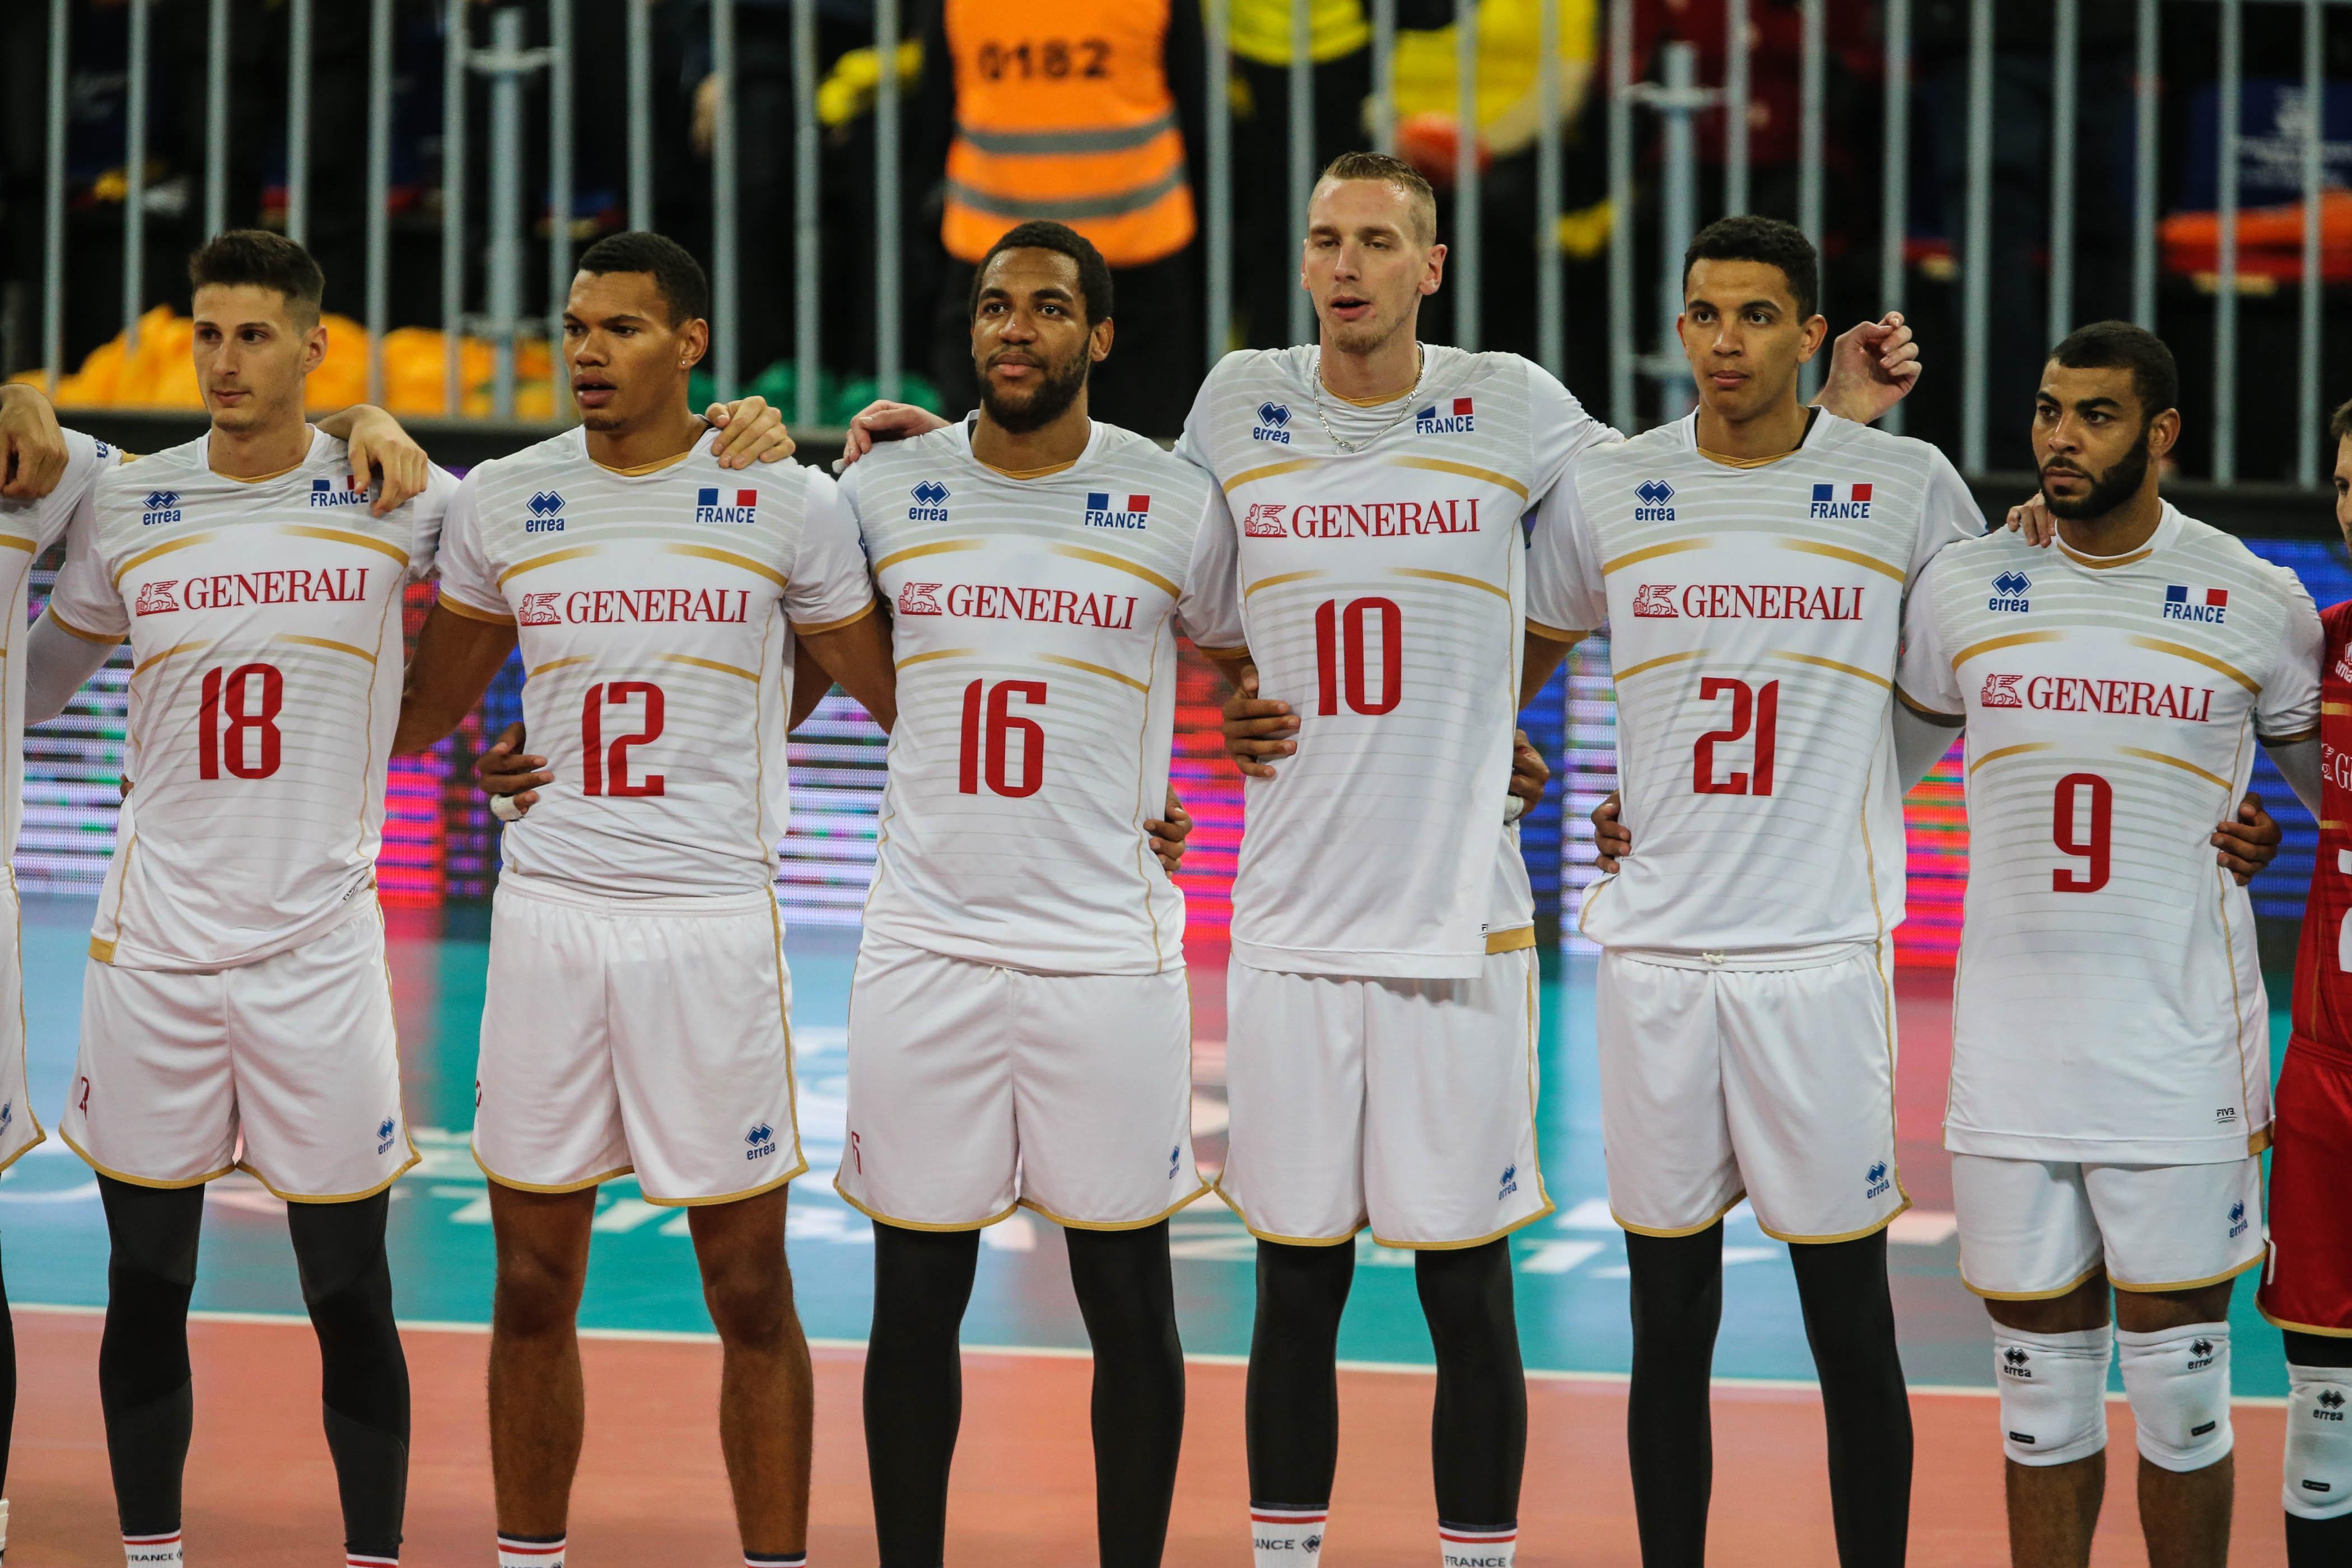 Volley - Equipe de France - La France veut conserver son trône européen